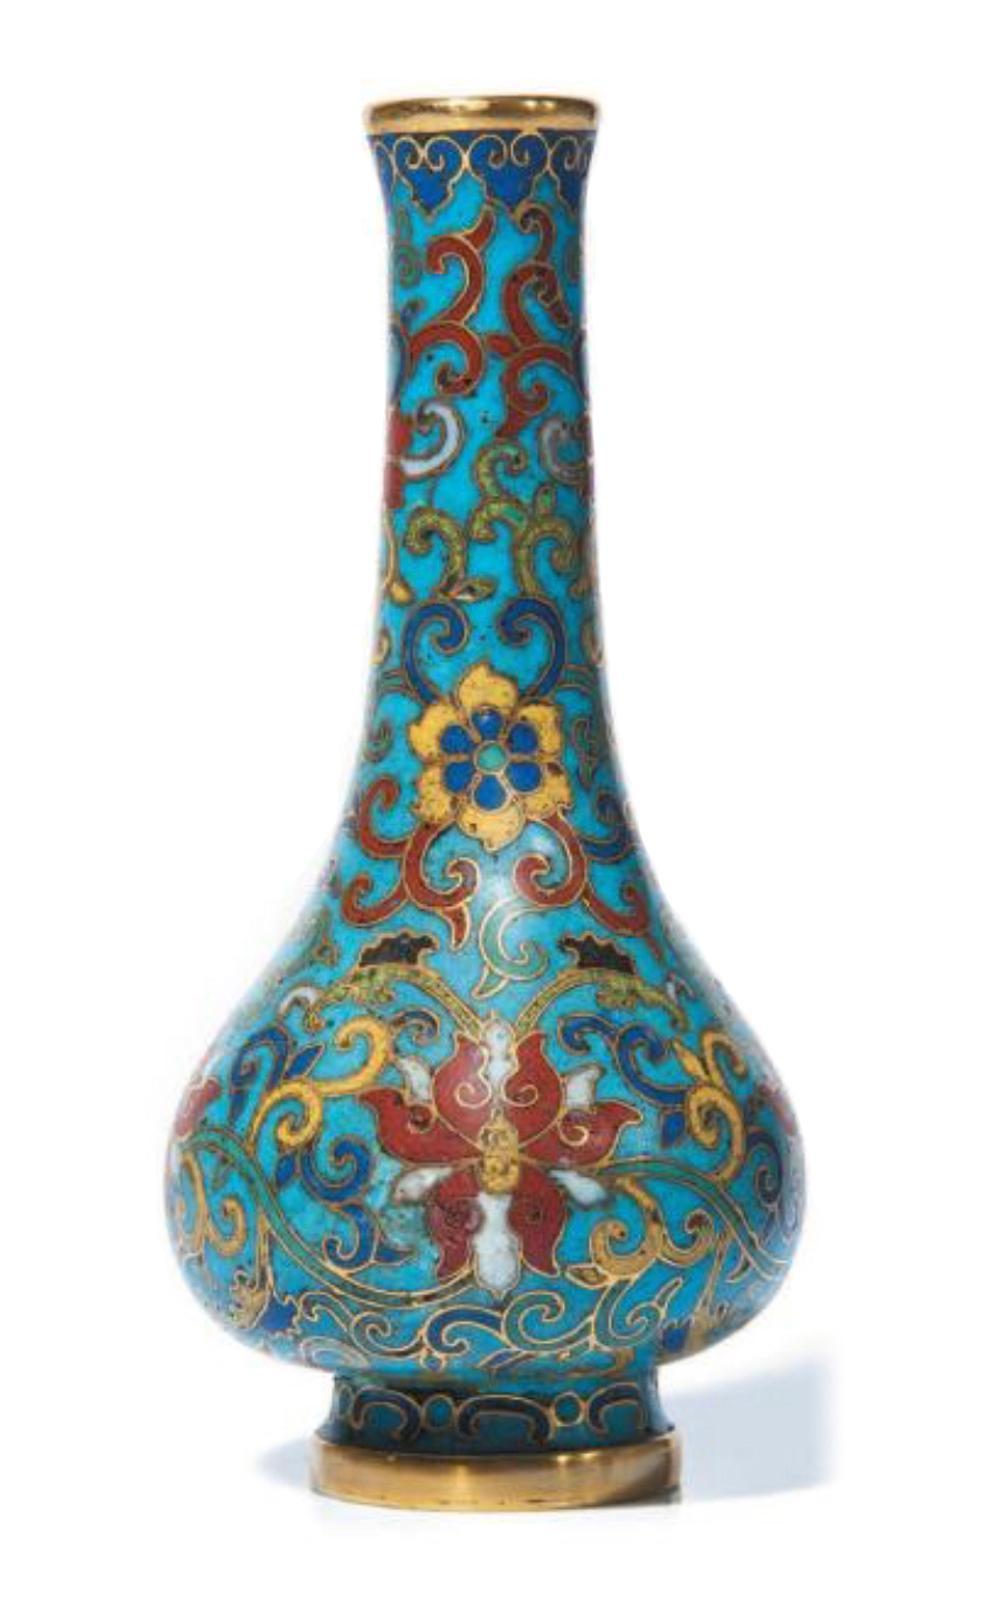 Chine, époque Qianlong (1736-1795). Vase bouteille en bronze doré et émaux cloisonnés, décoré en polychromie de fleurs de lotus parmi les rinceaux, su